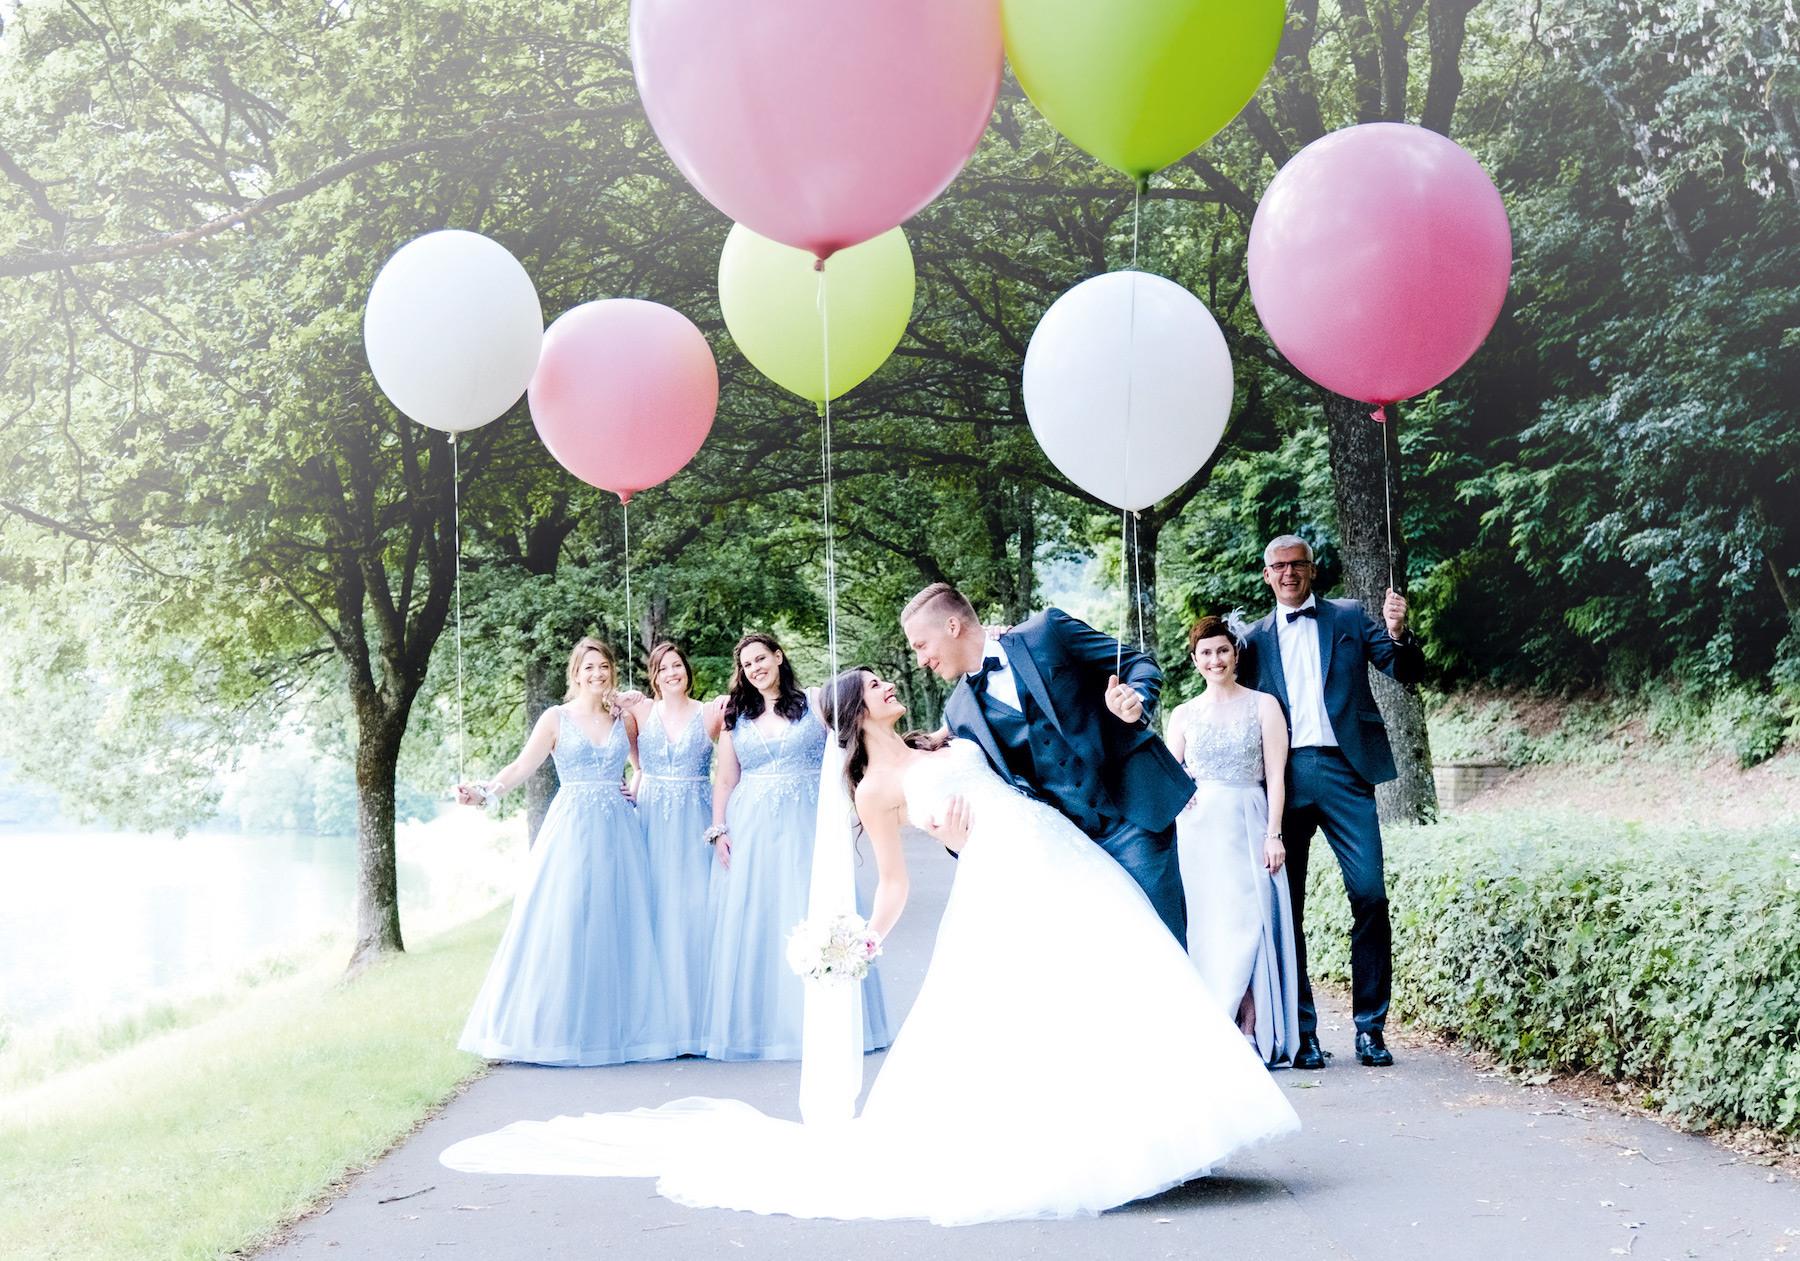 Brautkleider Hochzeit   Hochzeitshaus Trier, Luxemburg